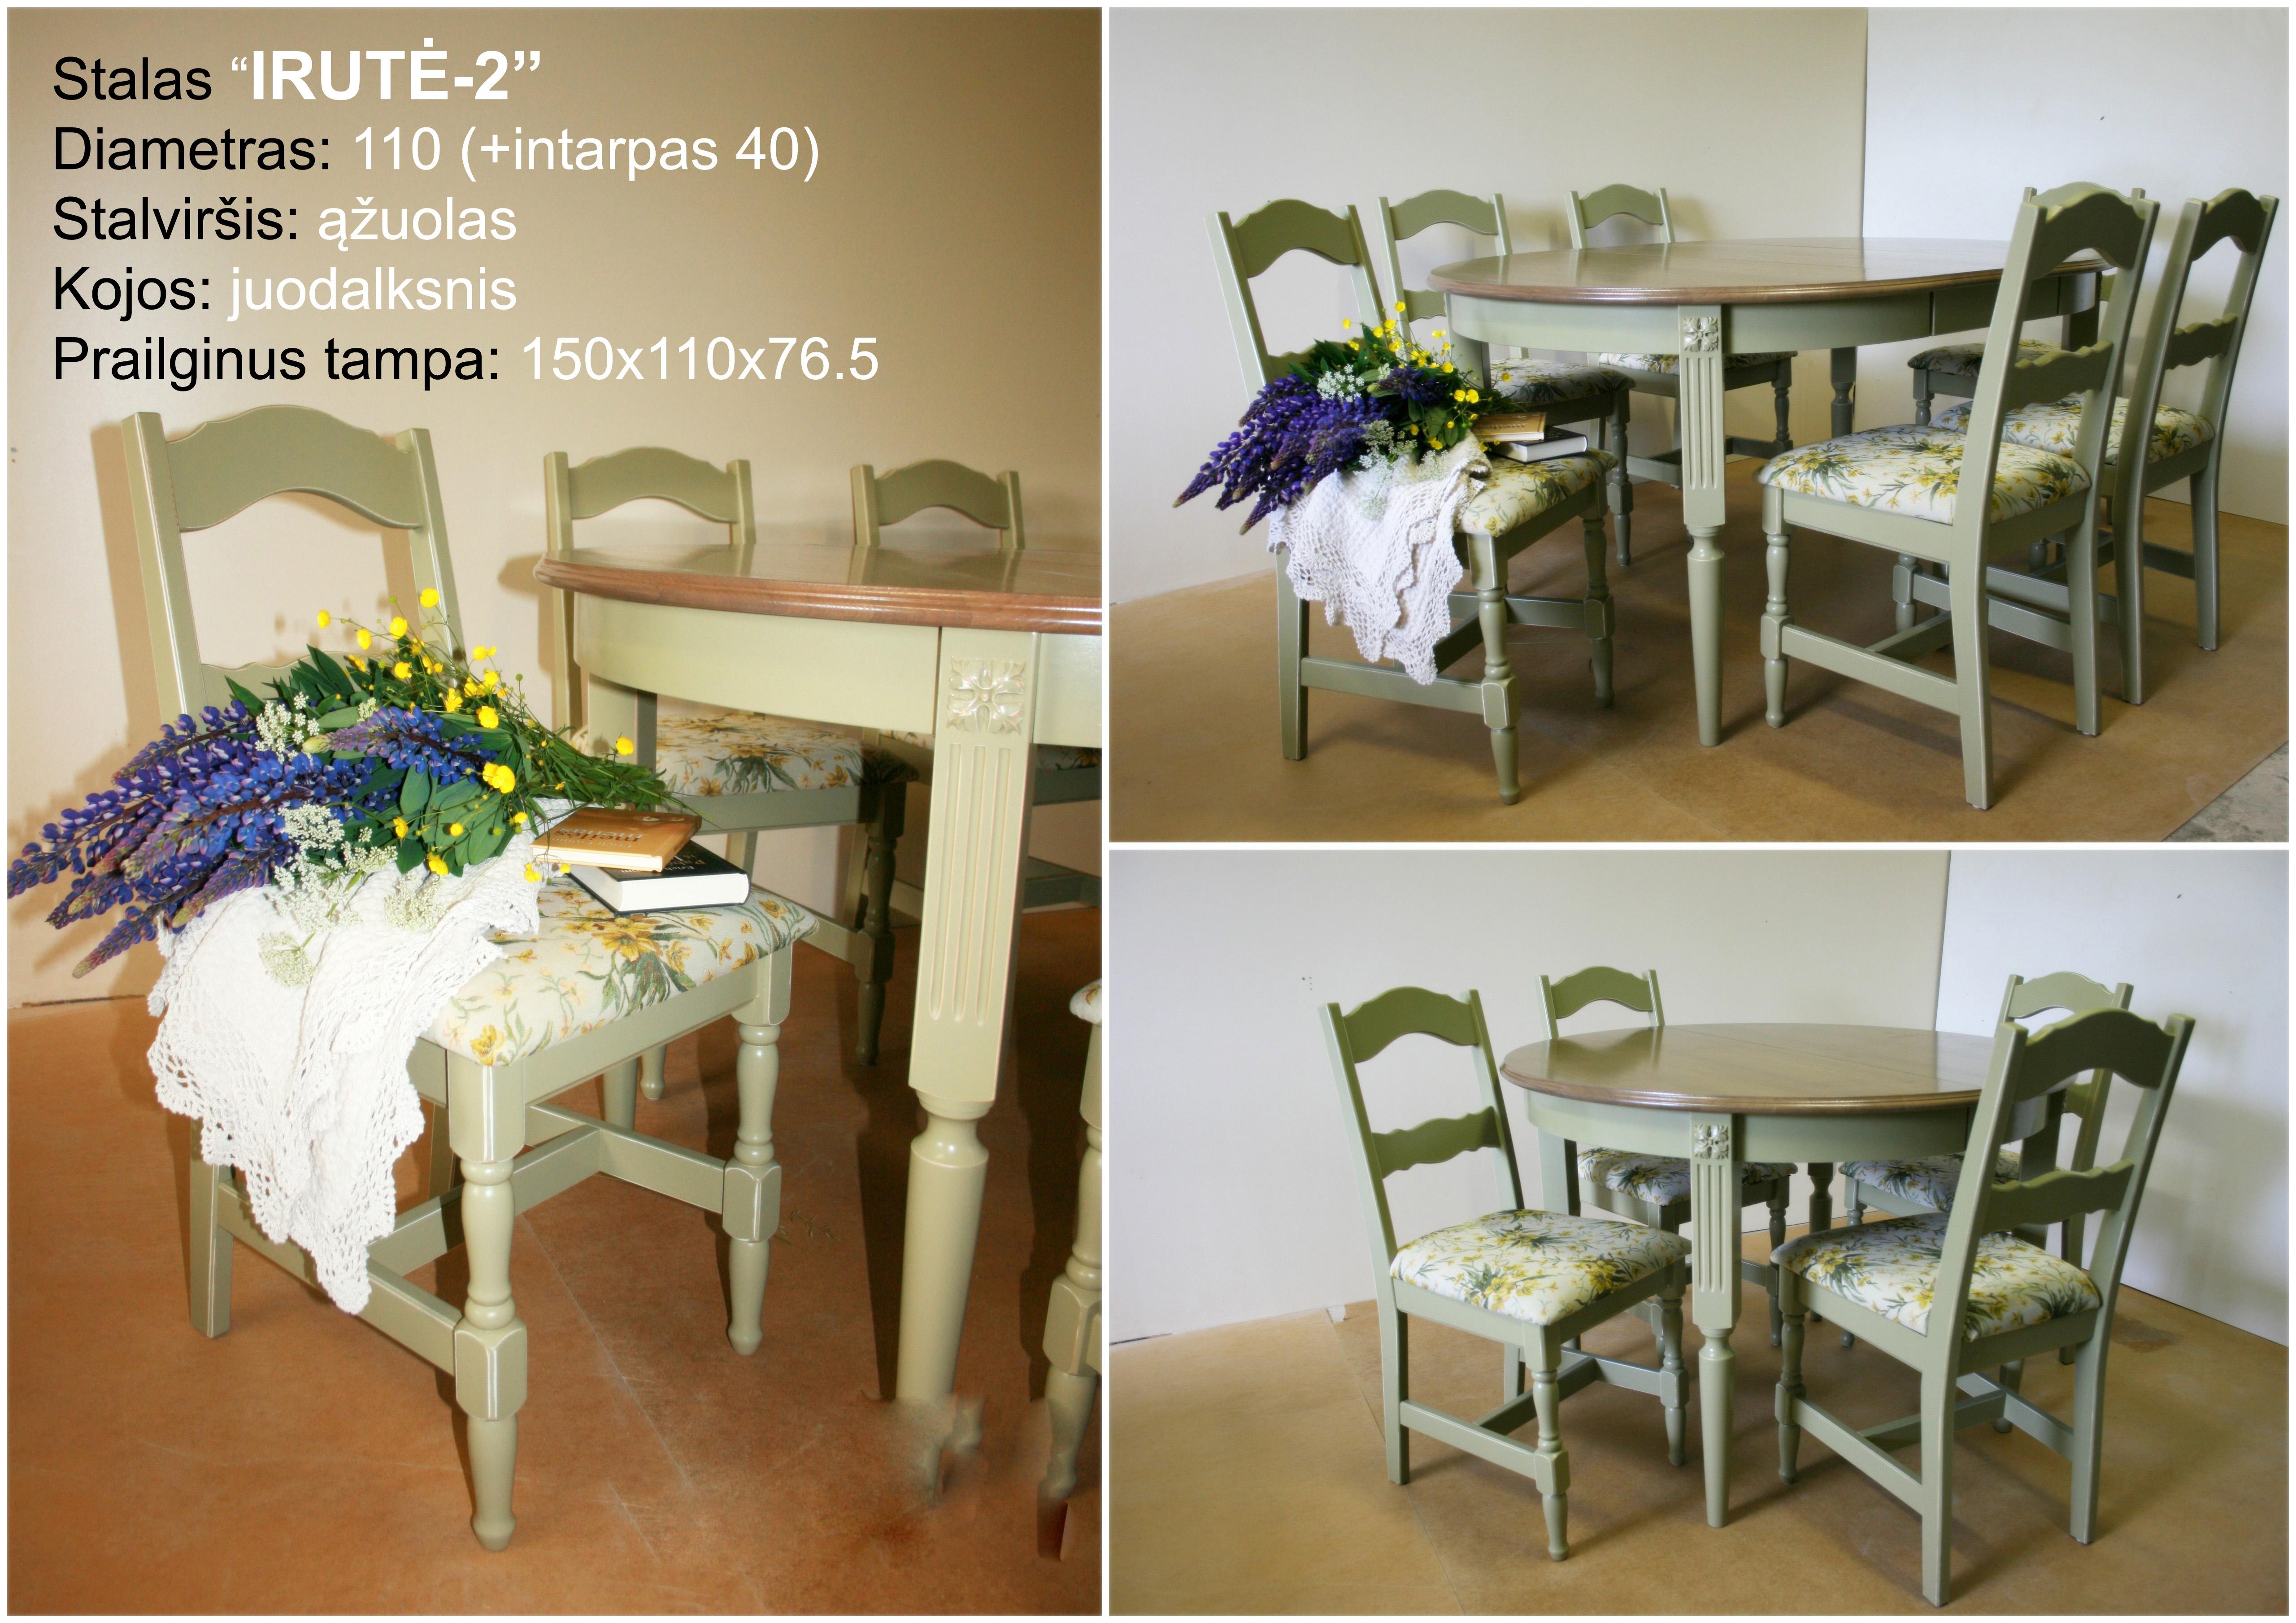 Stalas Irute-2 no prices